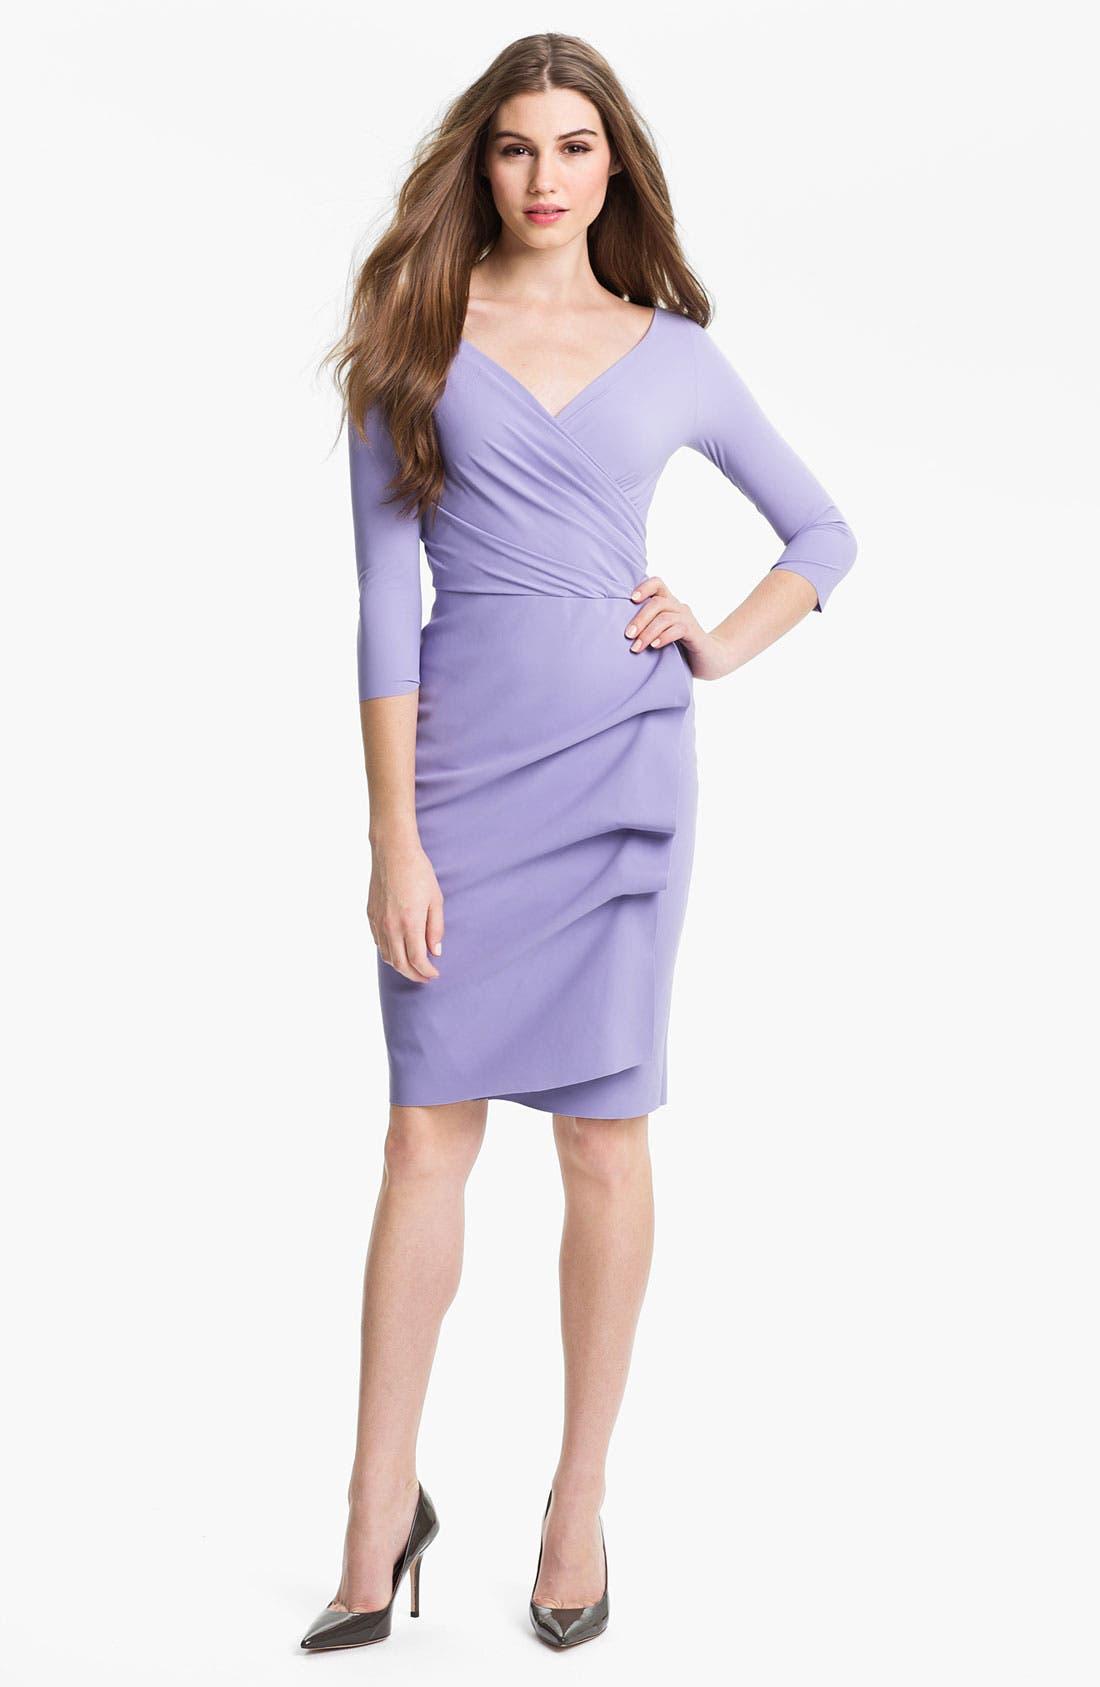 Main Image - La Petite Robe by Chiara Boni 'Florien' Draped Dress